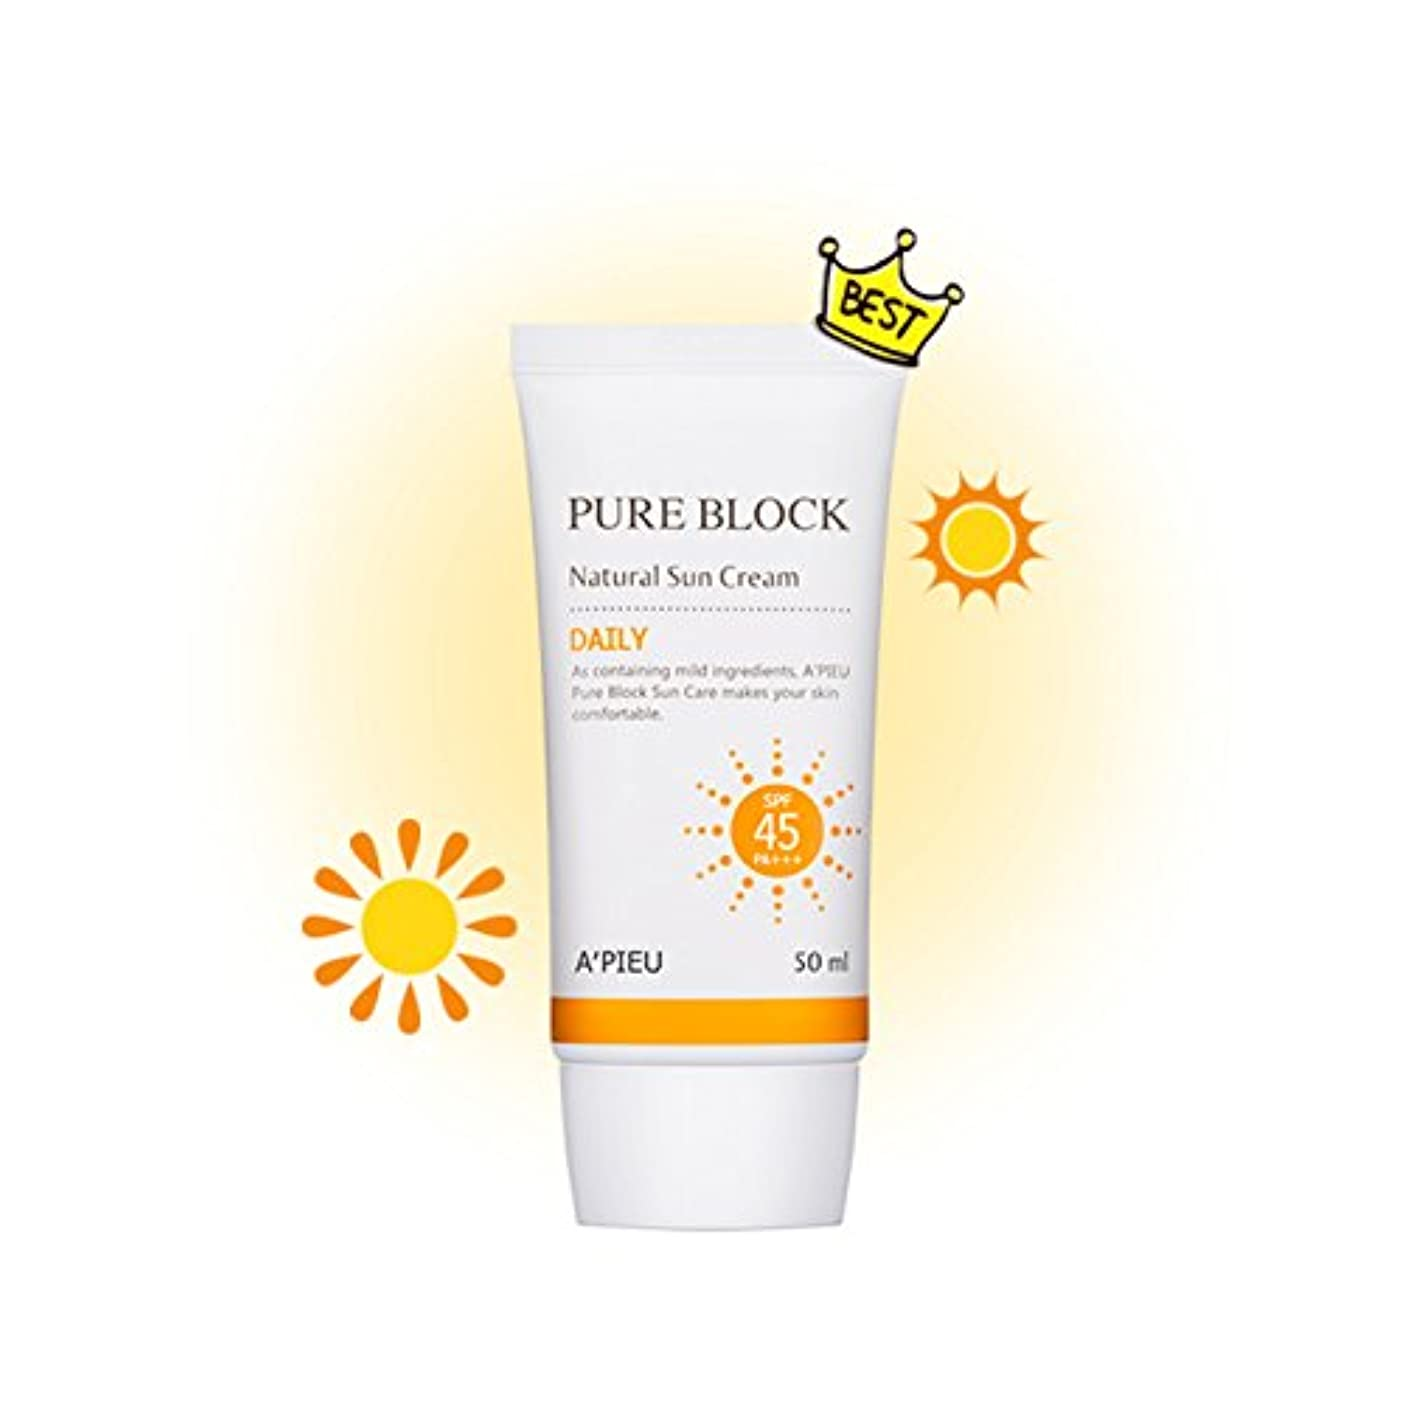 銀河会社肘掛け椅子[オピュ] A'PIEU ピュアブロックナチュラルデイリー日焼け止め Pure Block Natural Daily Sun Cream SPF 45 PA+++ [並行輸入品]